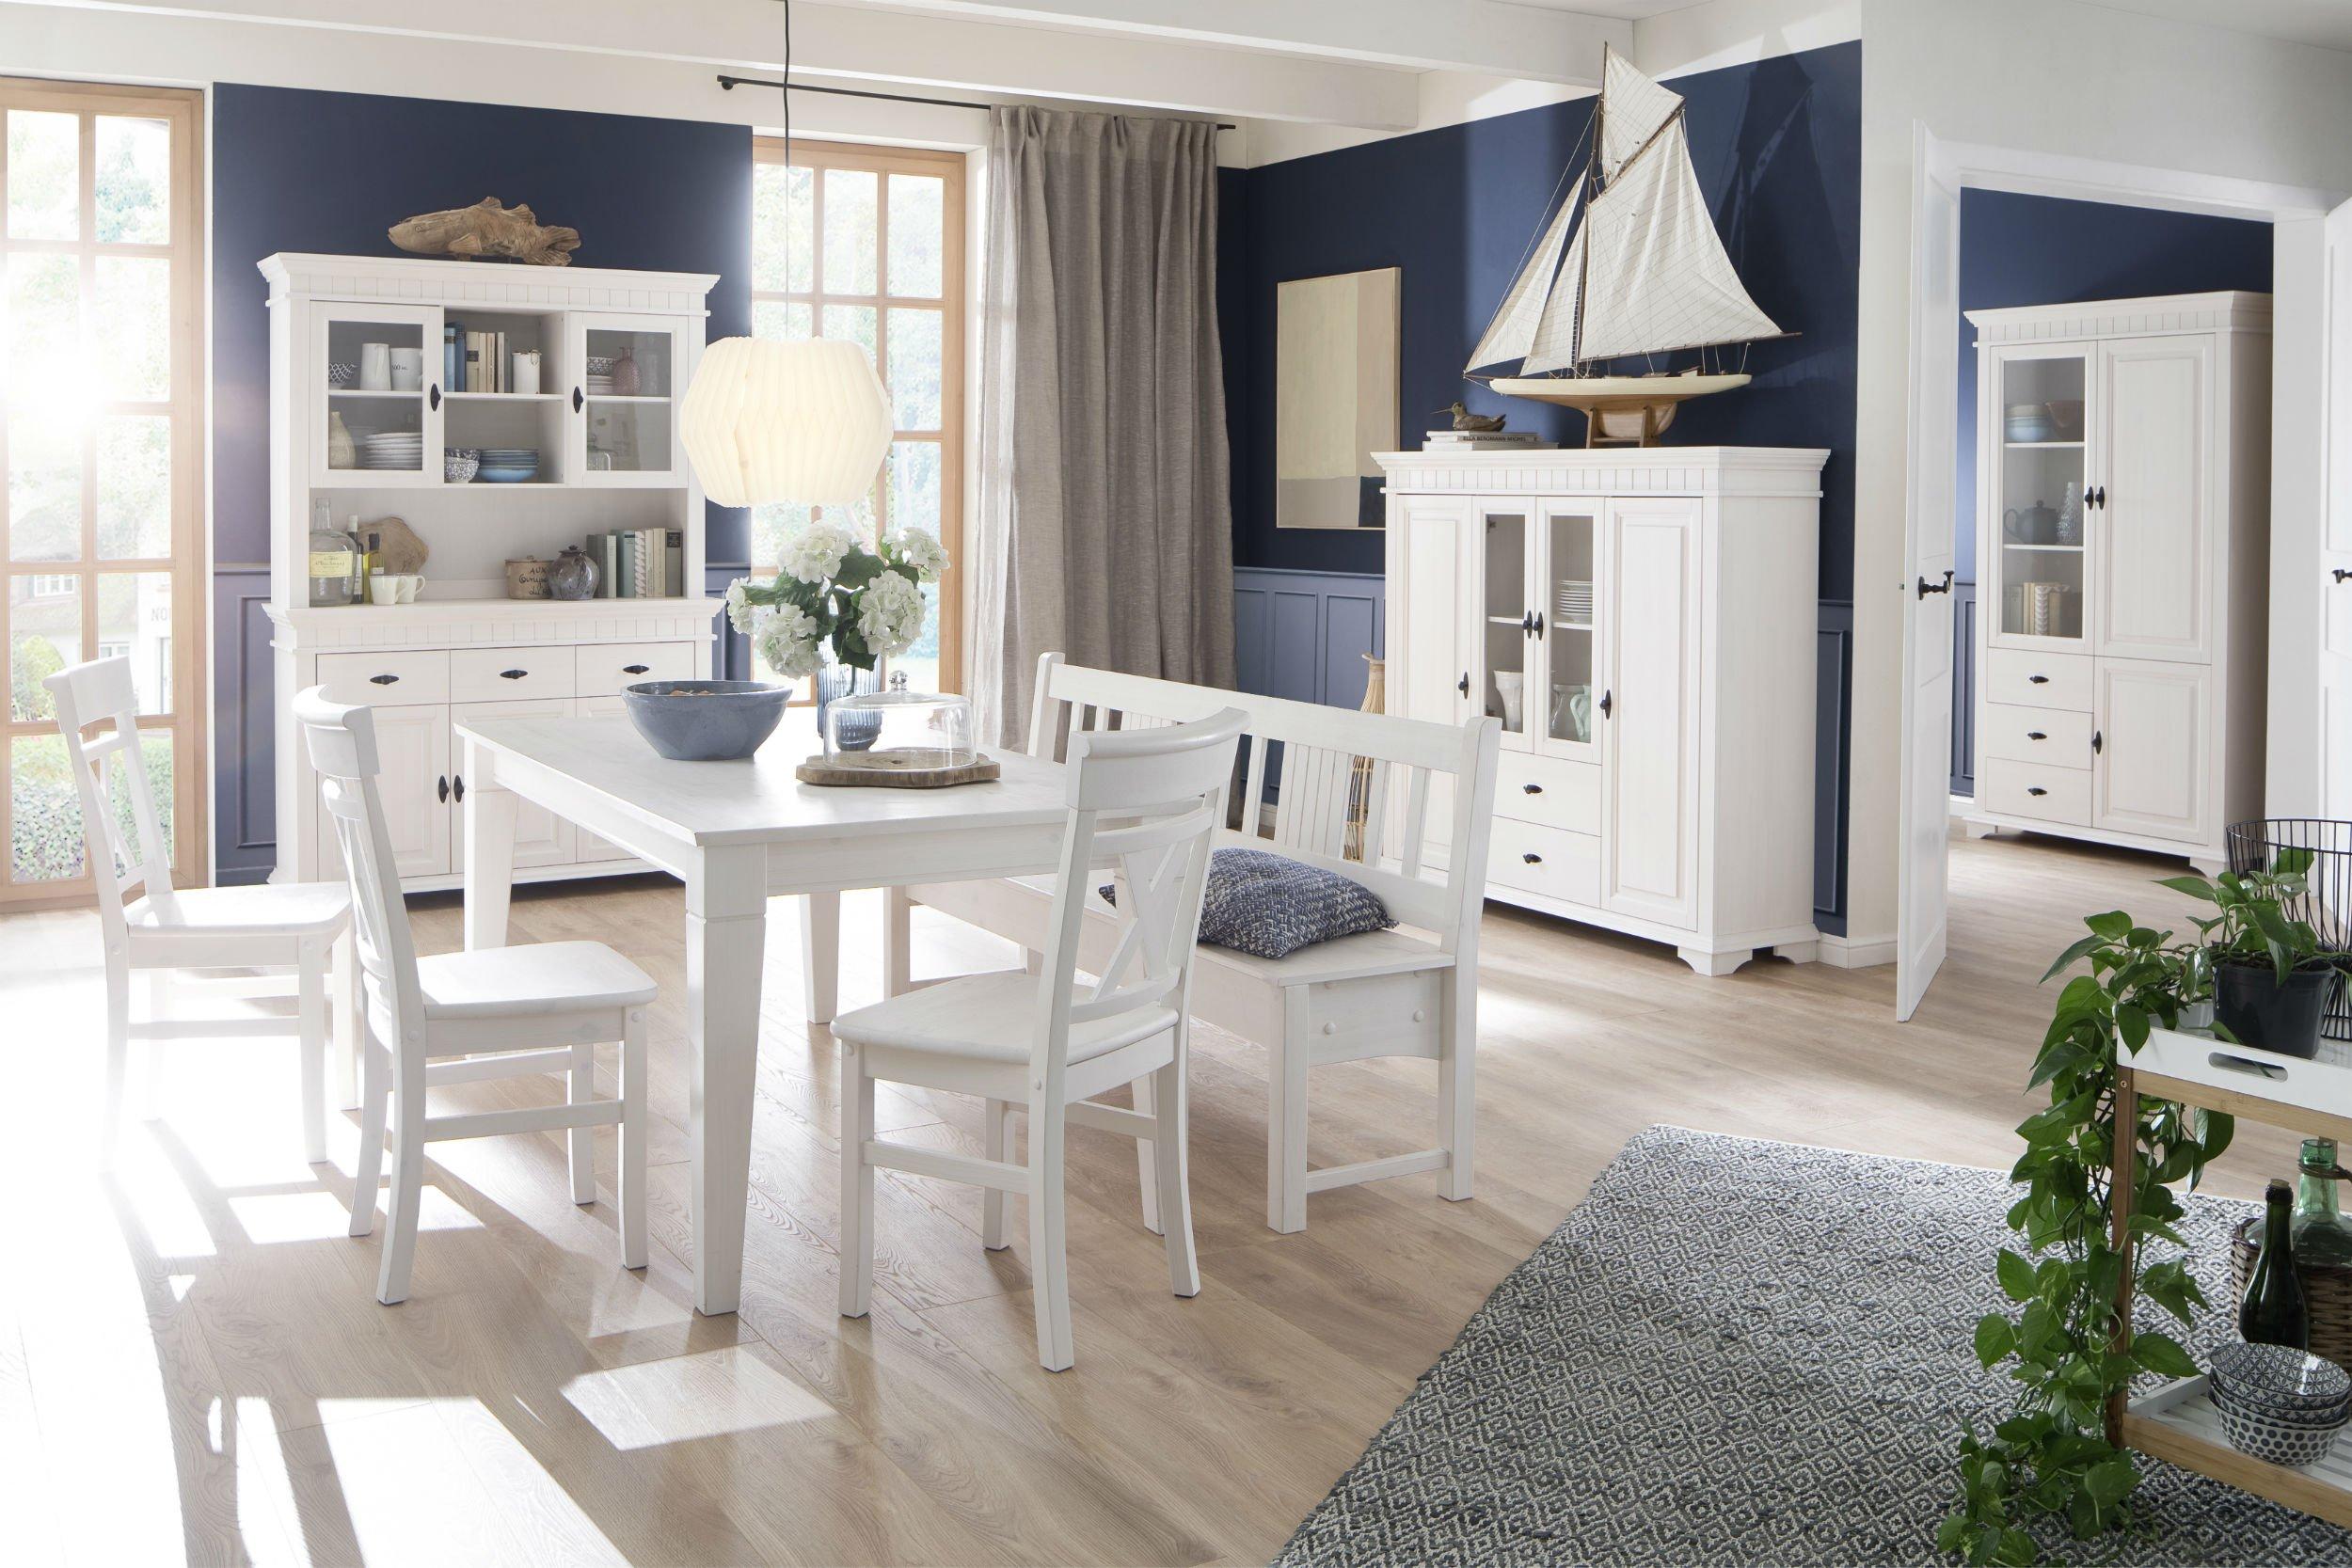 Wohnzimmer Esszimmer Möbel Lyon Massivholz weiß, Bild 2